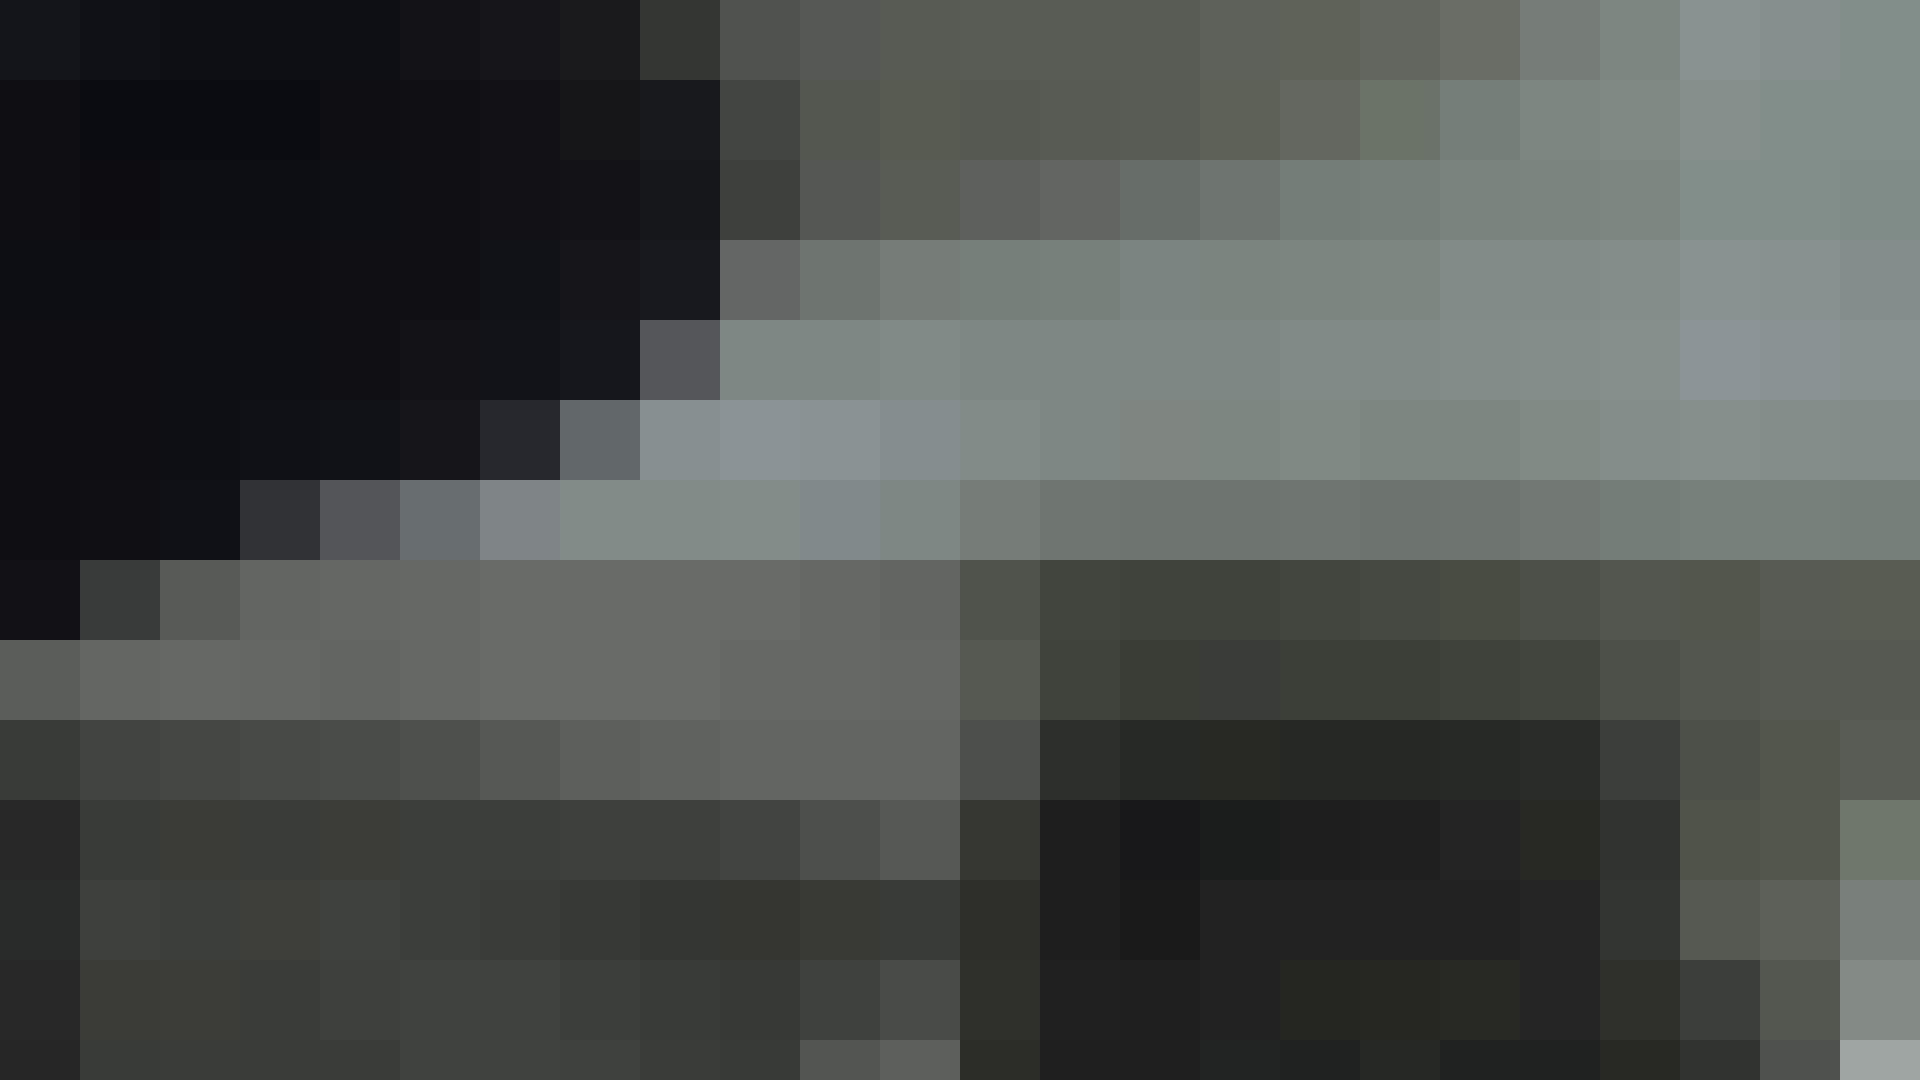 世界の射窓から vol.33 驚異の屈伸力w OLの実態  45pic 24